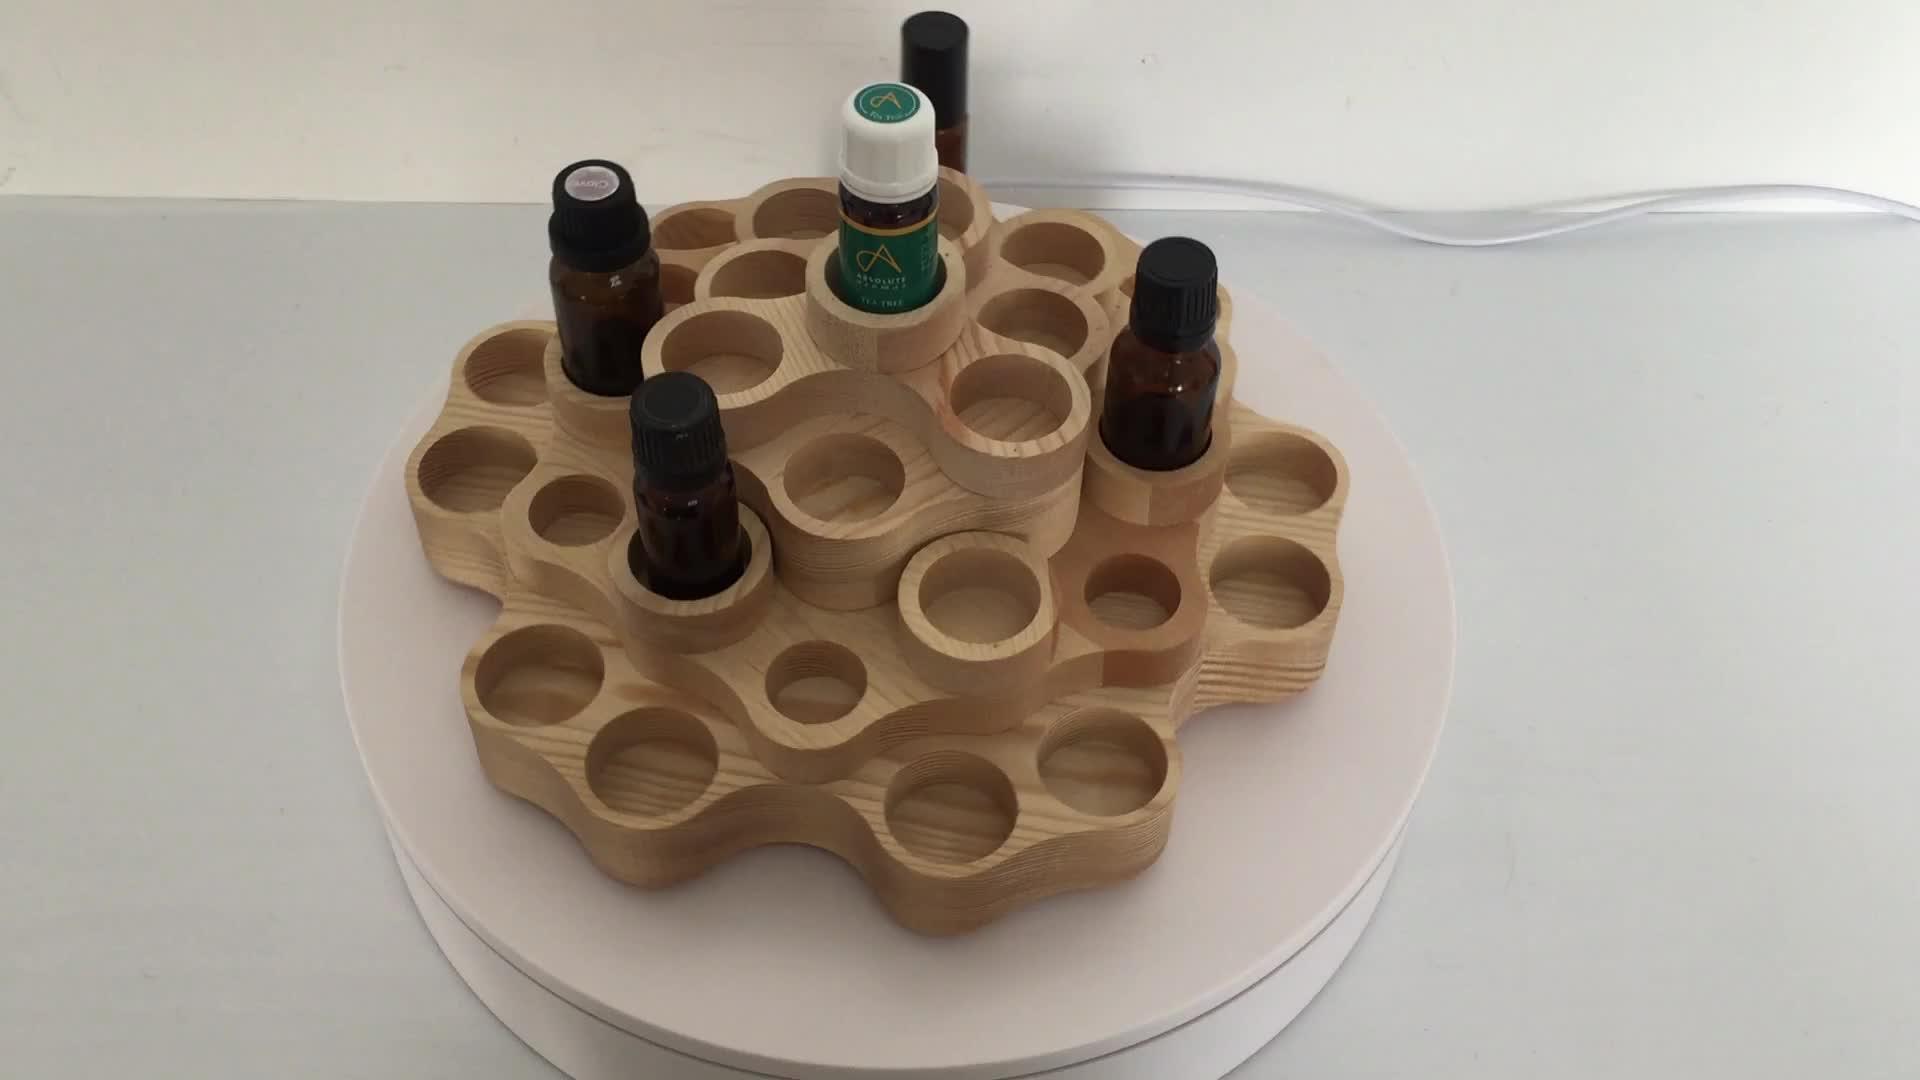 लकड़ी के मामले Aromatherapy प्राकृतिक लकड़ी दौर आवश्यक तेल की बोतलें भंडारण प्रदर्शन रैक आयोजक